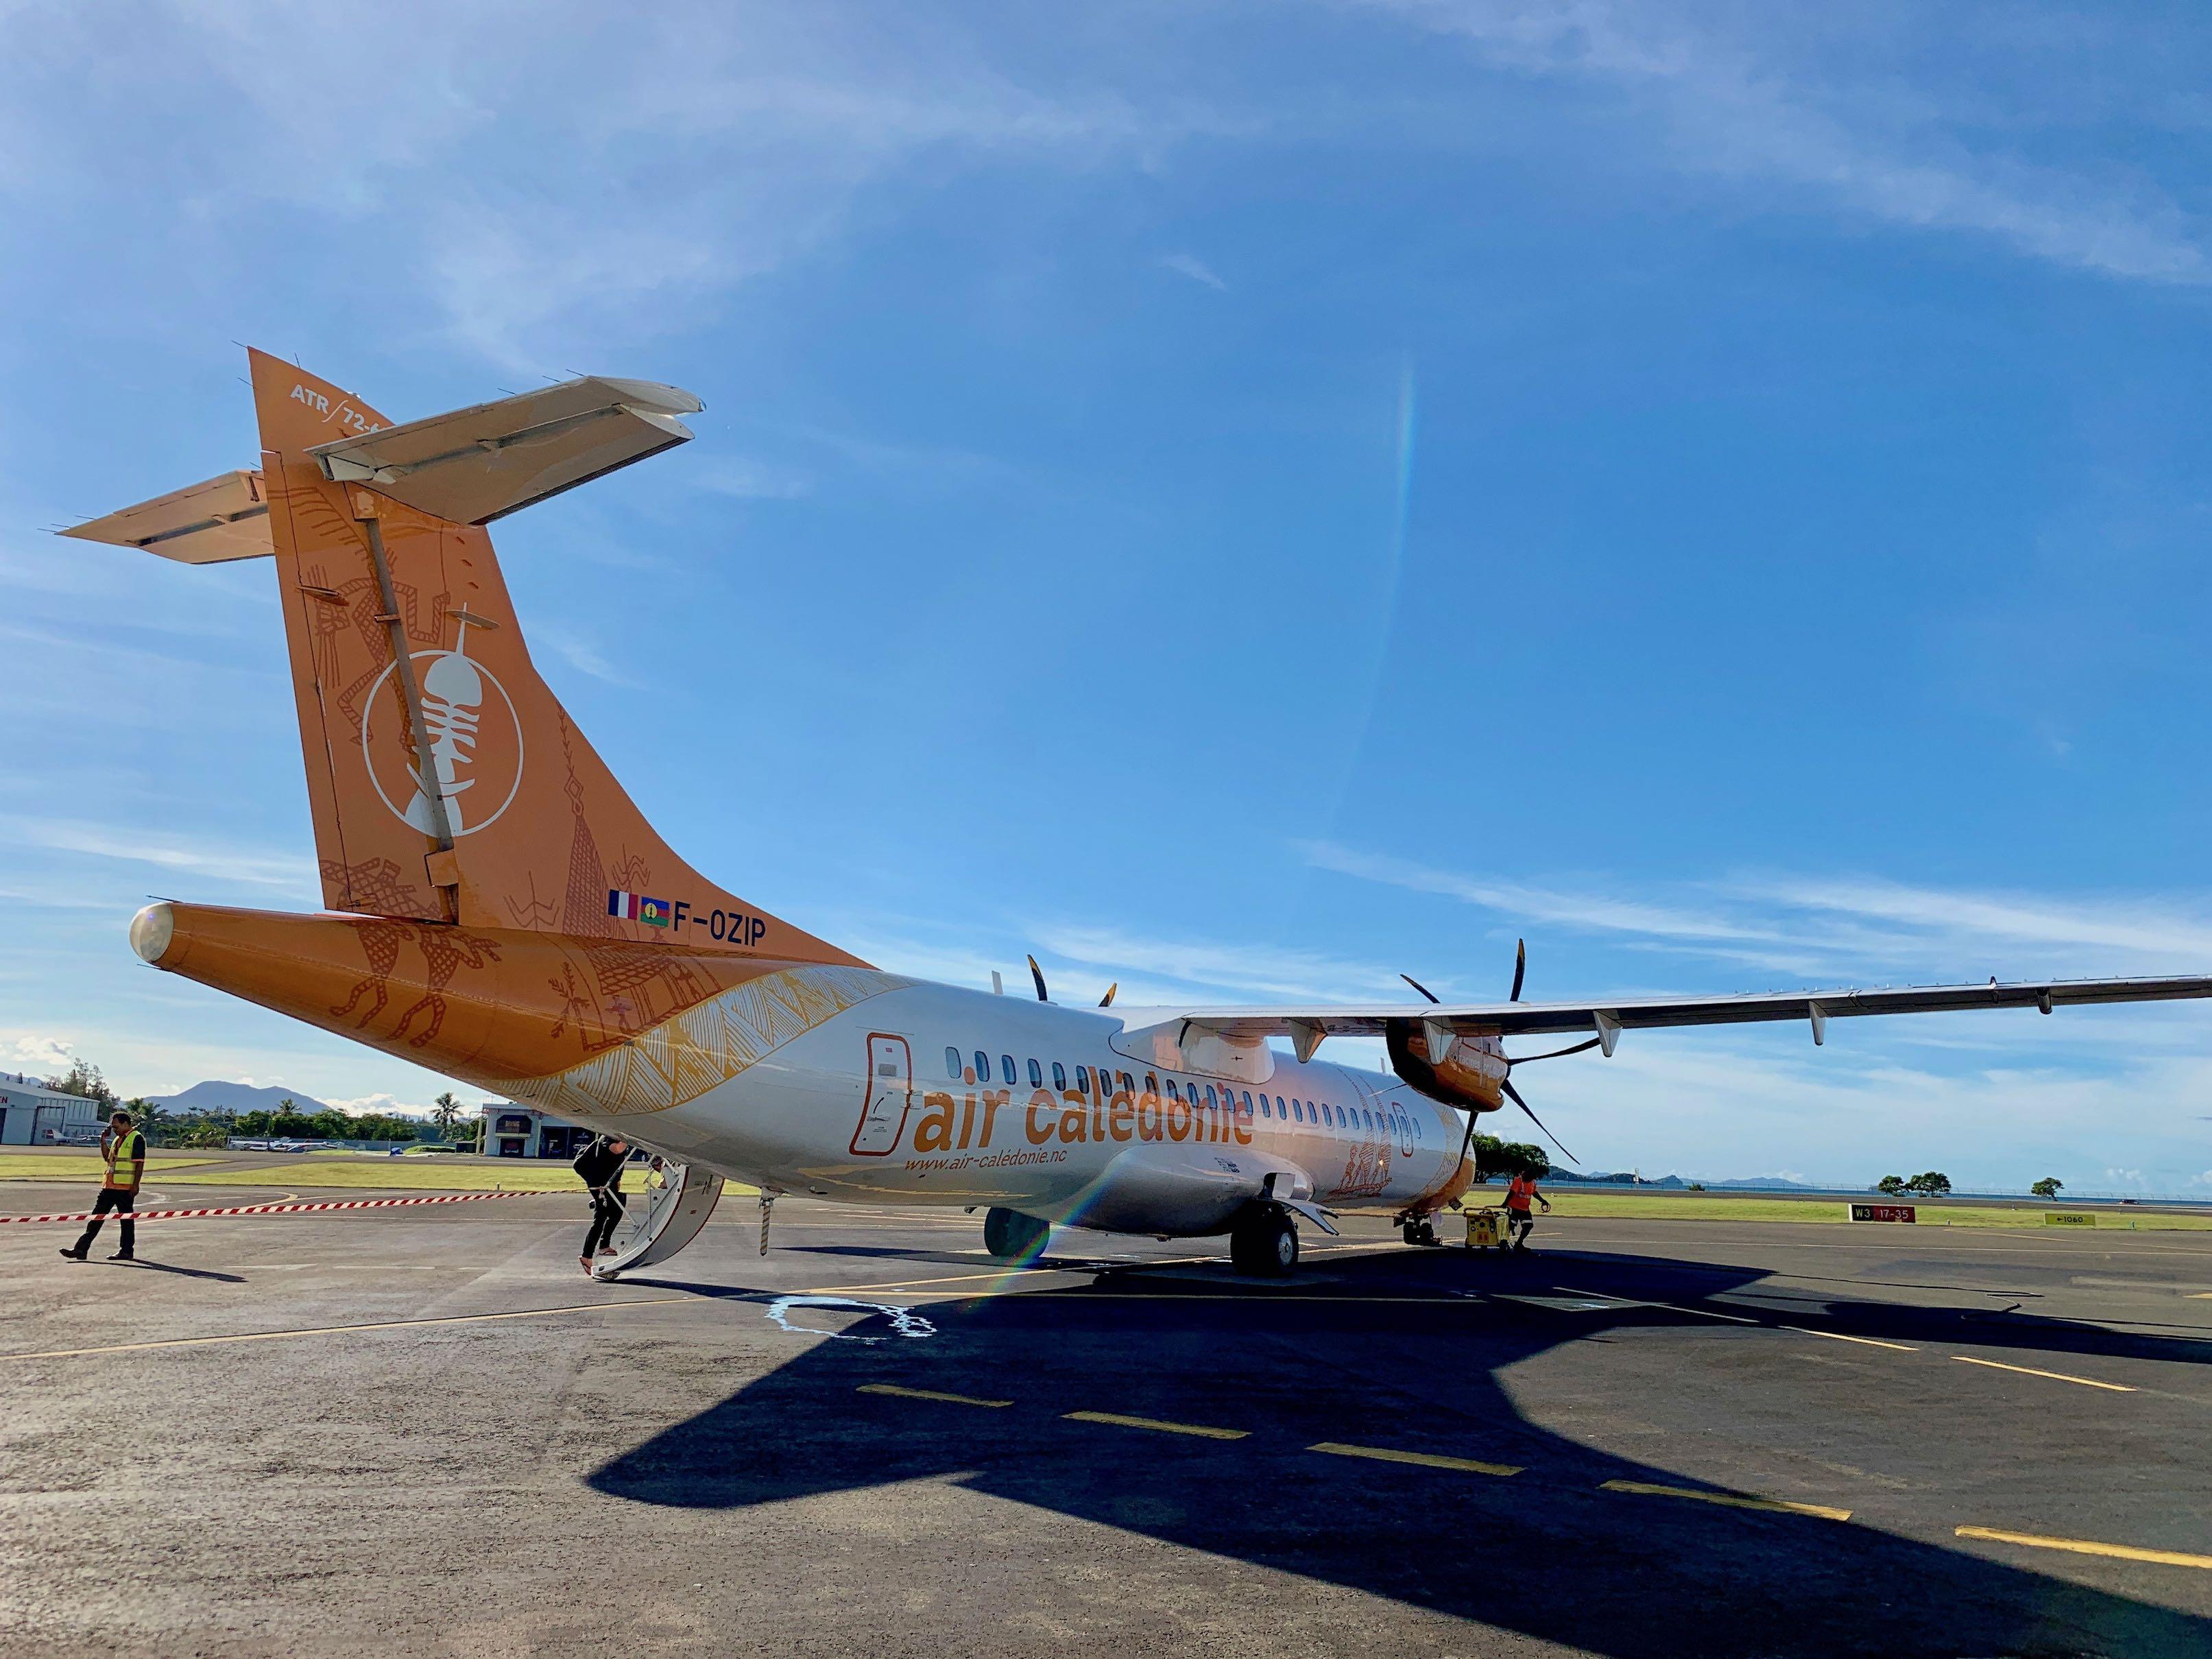 Air Calédonie Avion